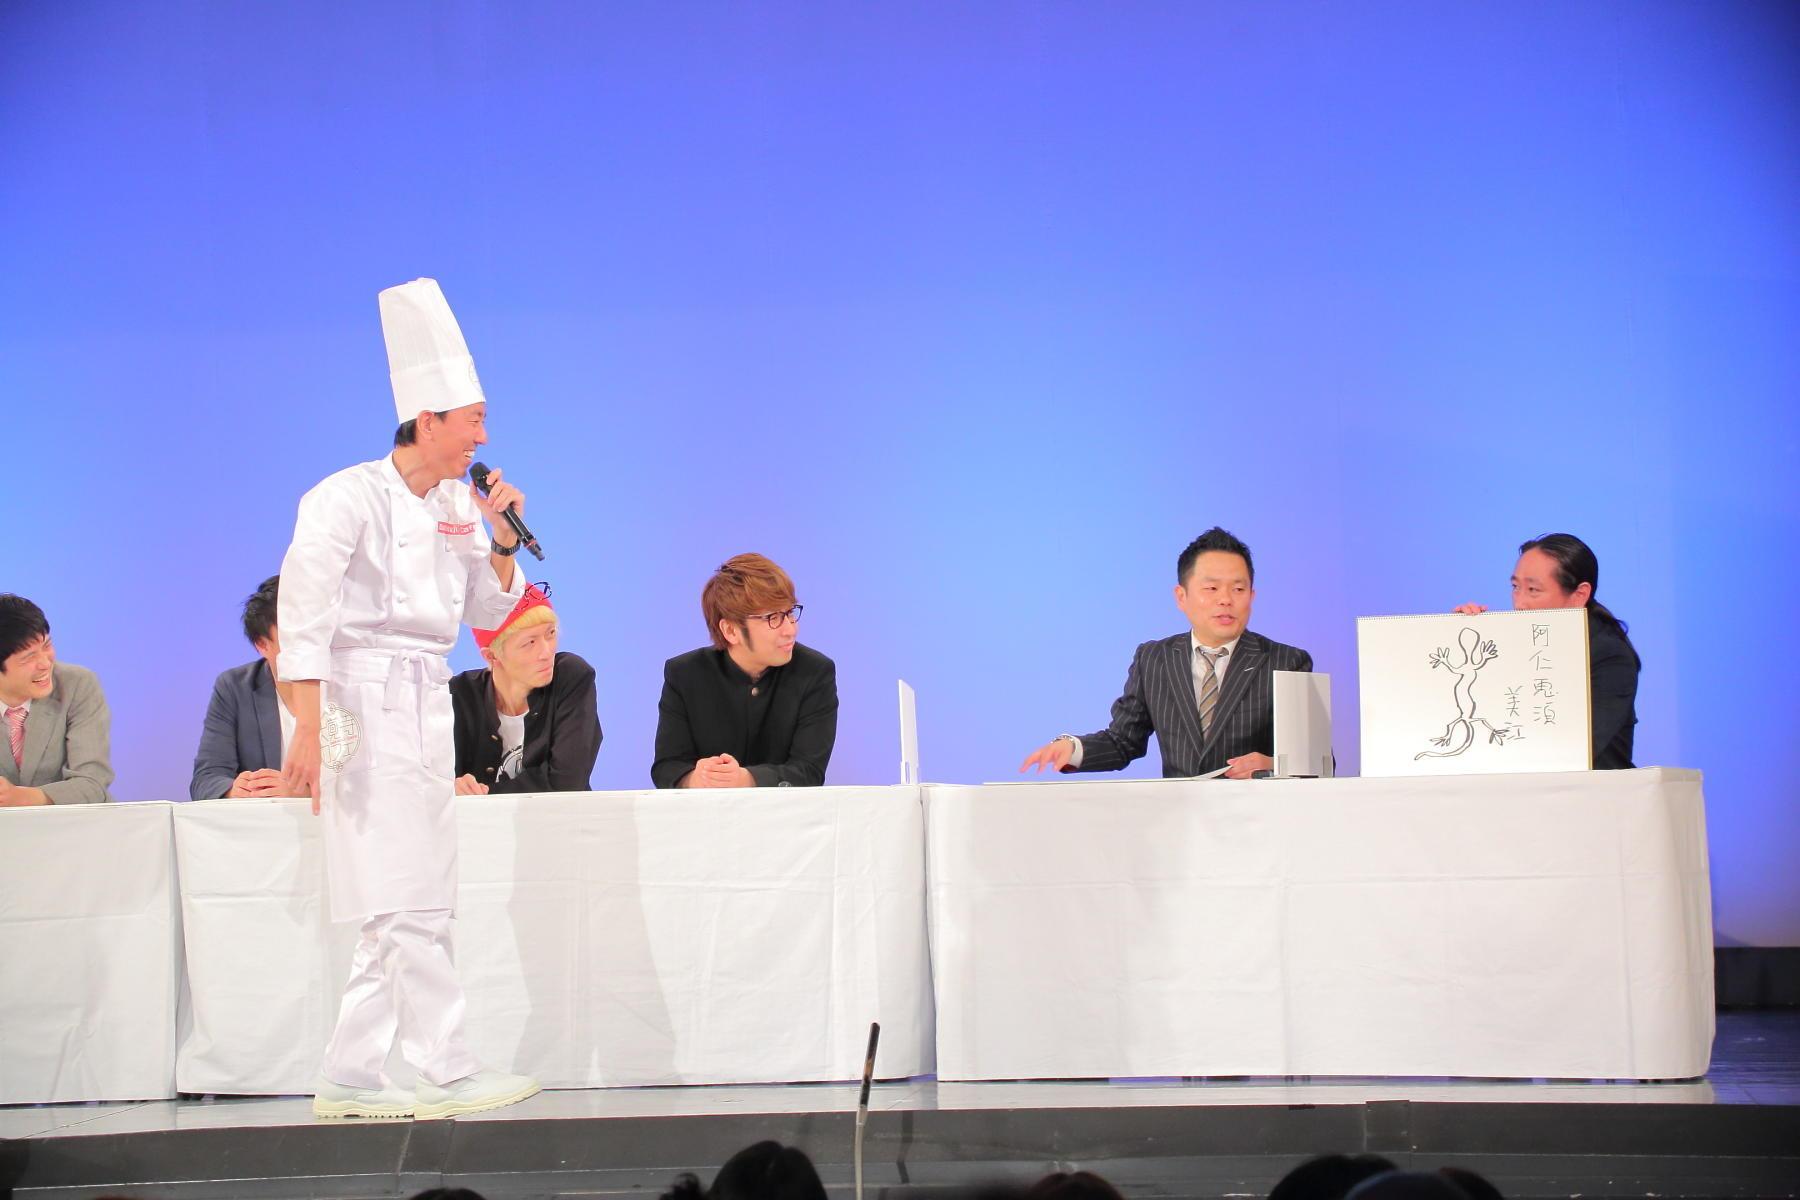 http://news.yoshimoto.co.jp/20170316063413-55d06ea8de607701252b0a101bea19ac4c33966e.jpg